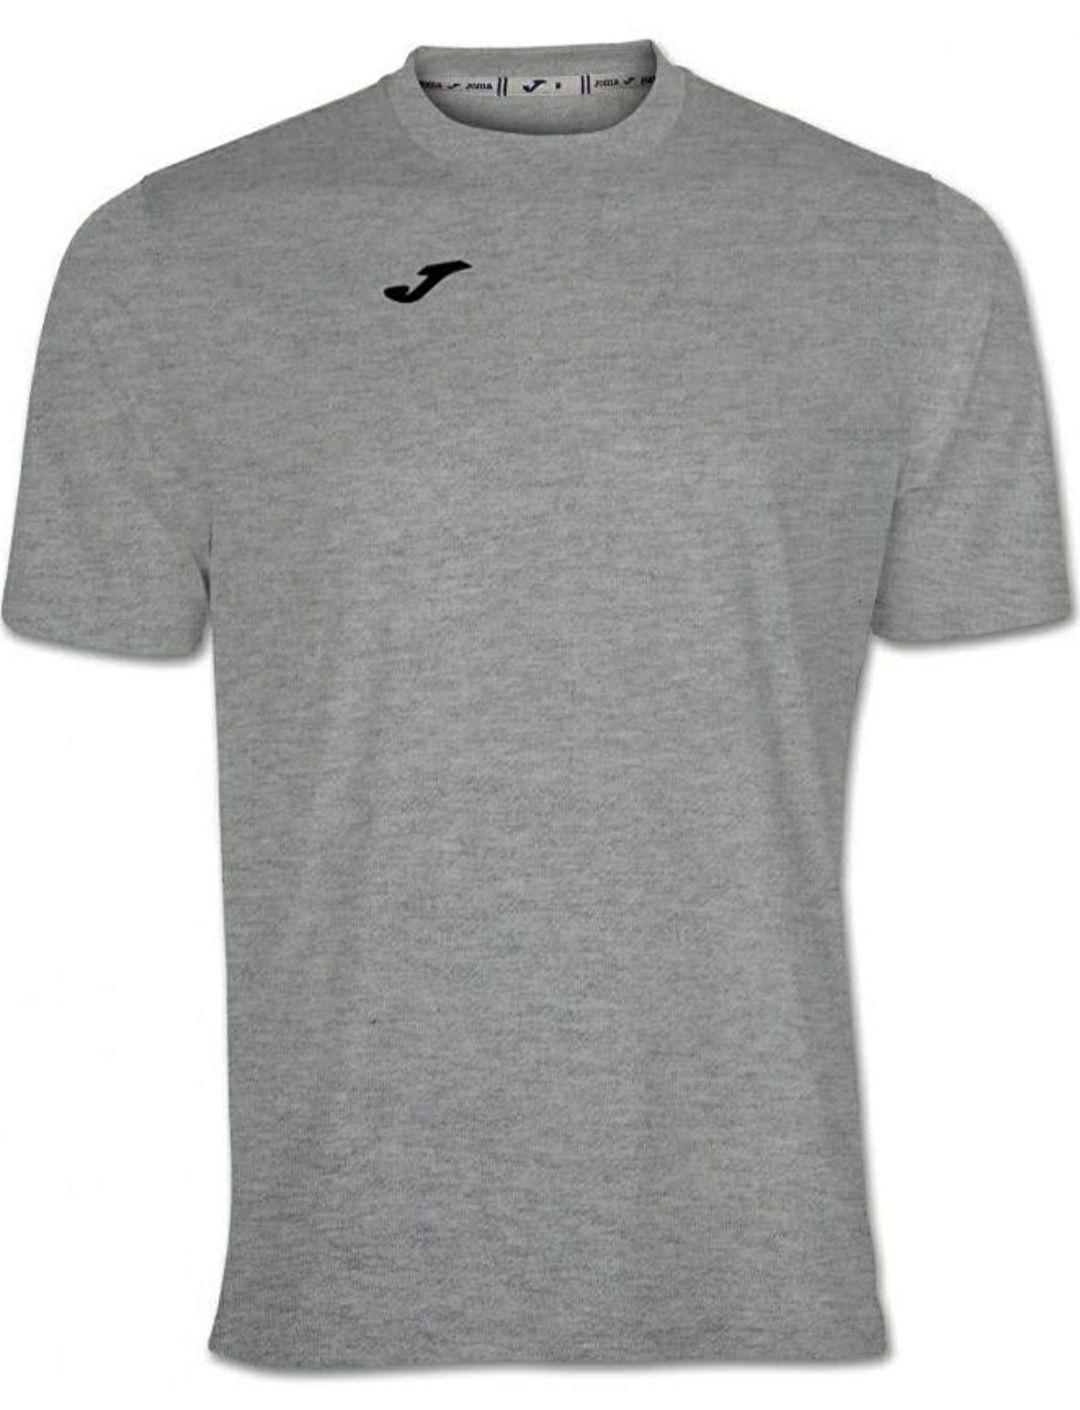 Camiseta Joma hombre (Talla L). Mas tallas y colores a precios similares